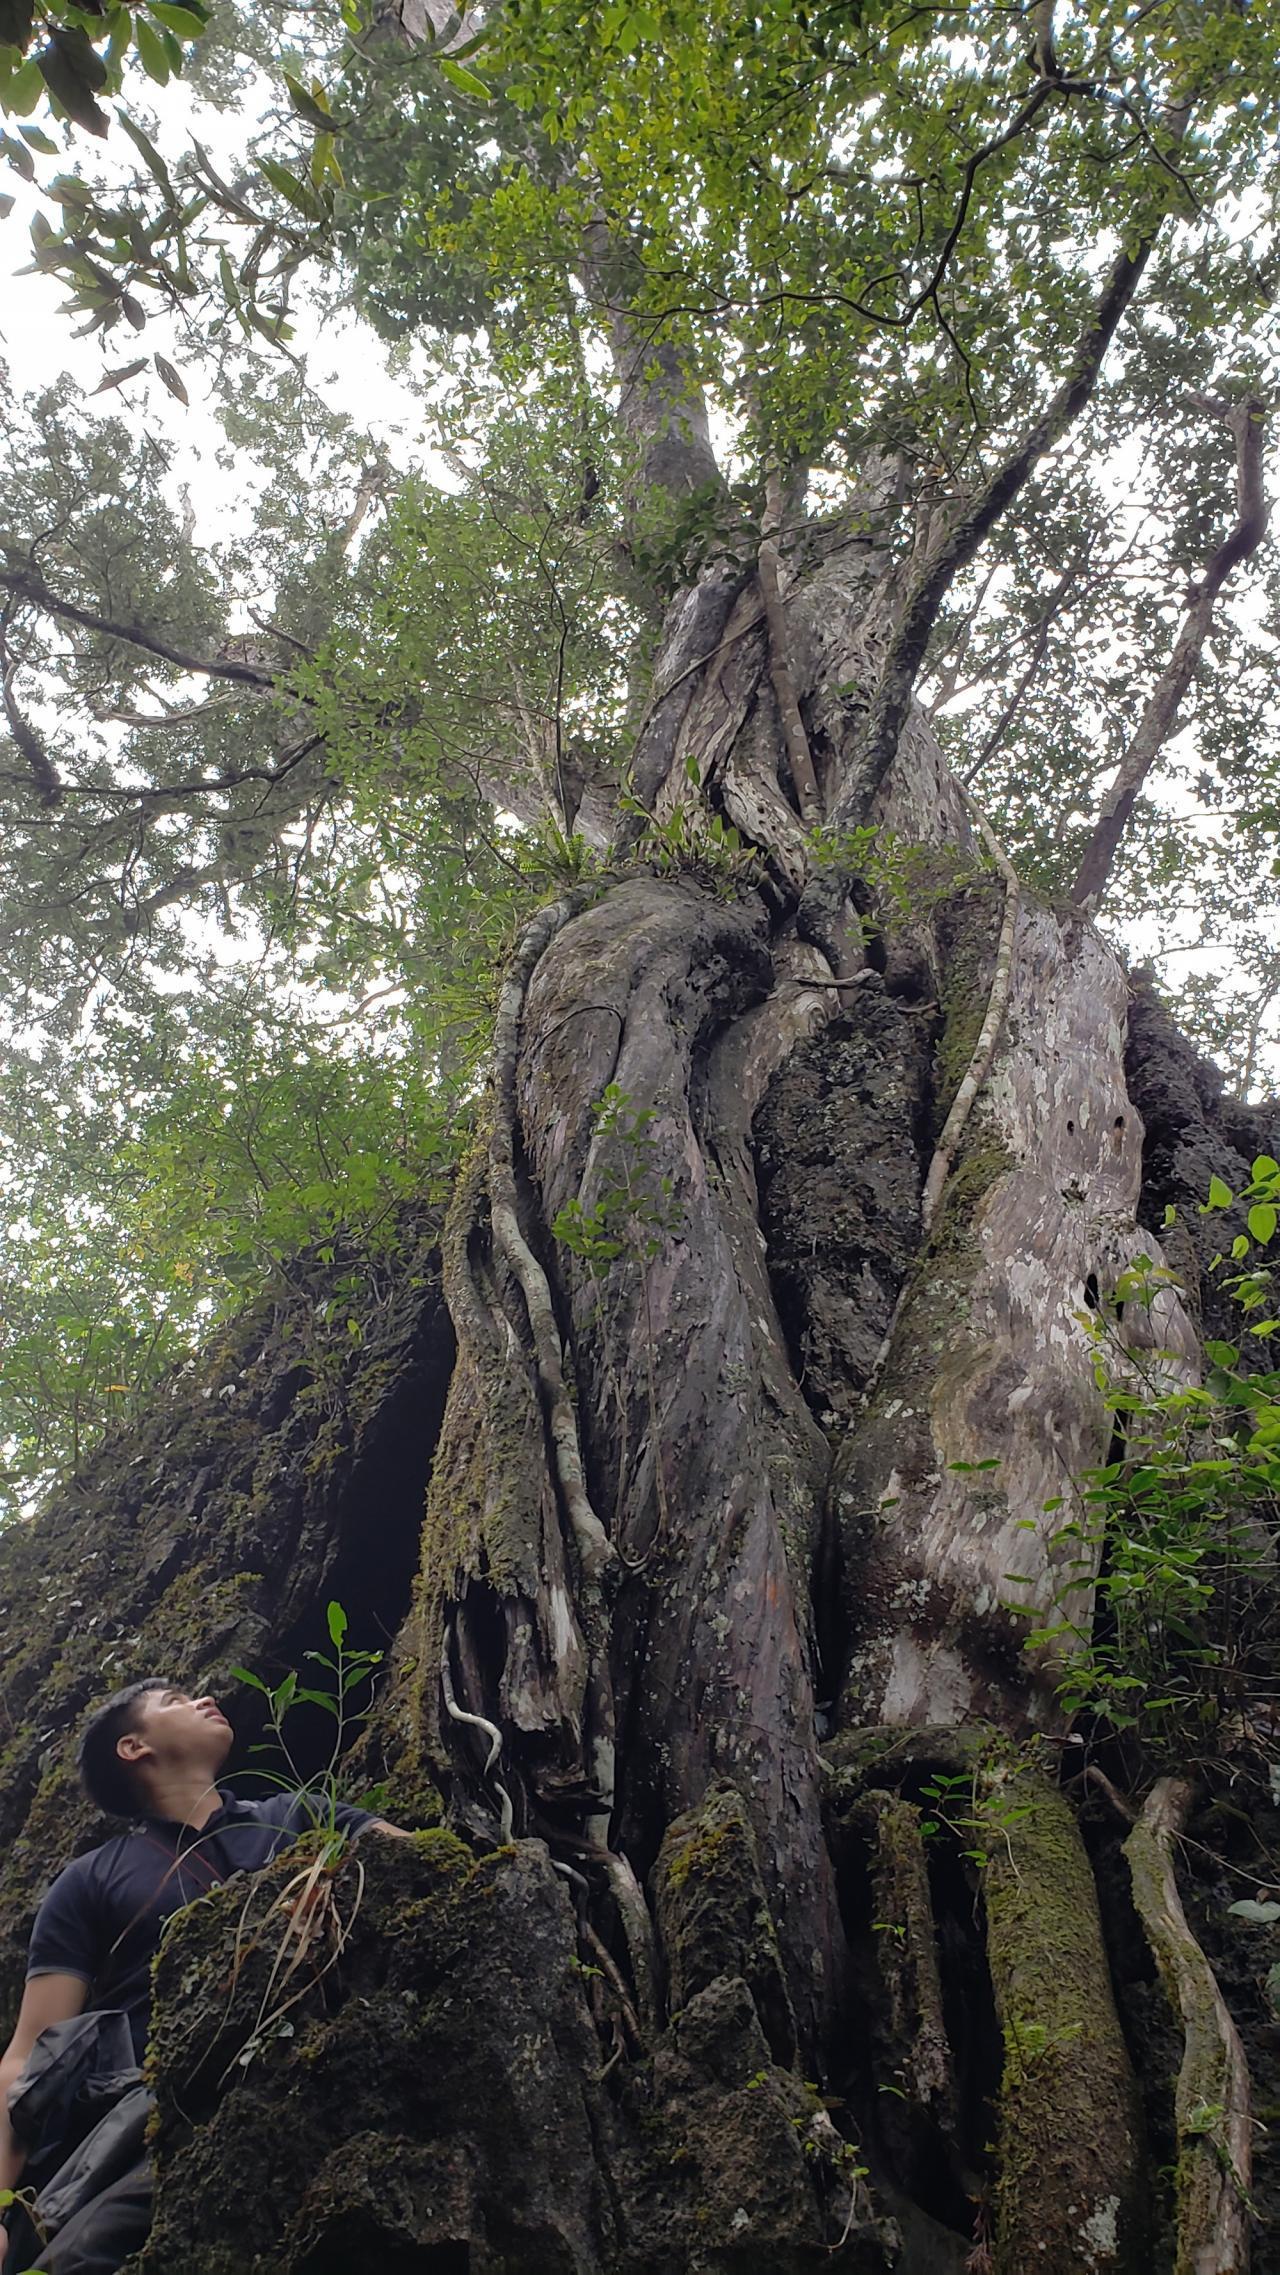 Đi tìm rừng thiêng - Kỳ 1: Chinh phục đỉnh bách